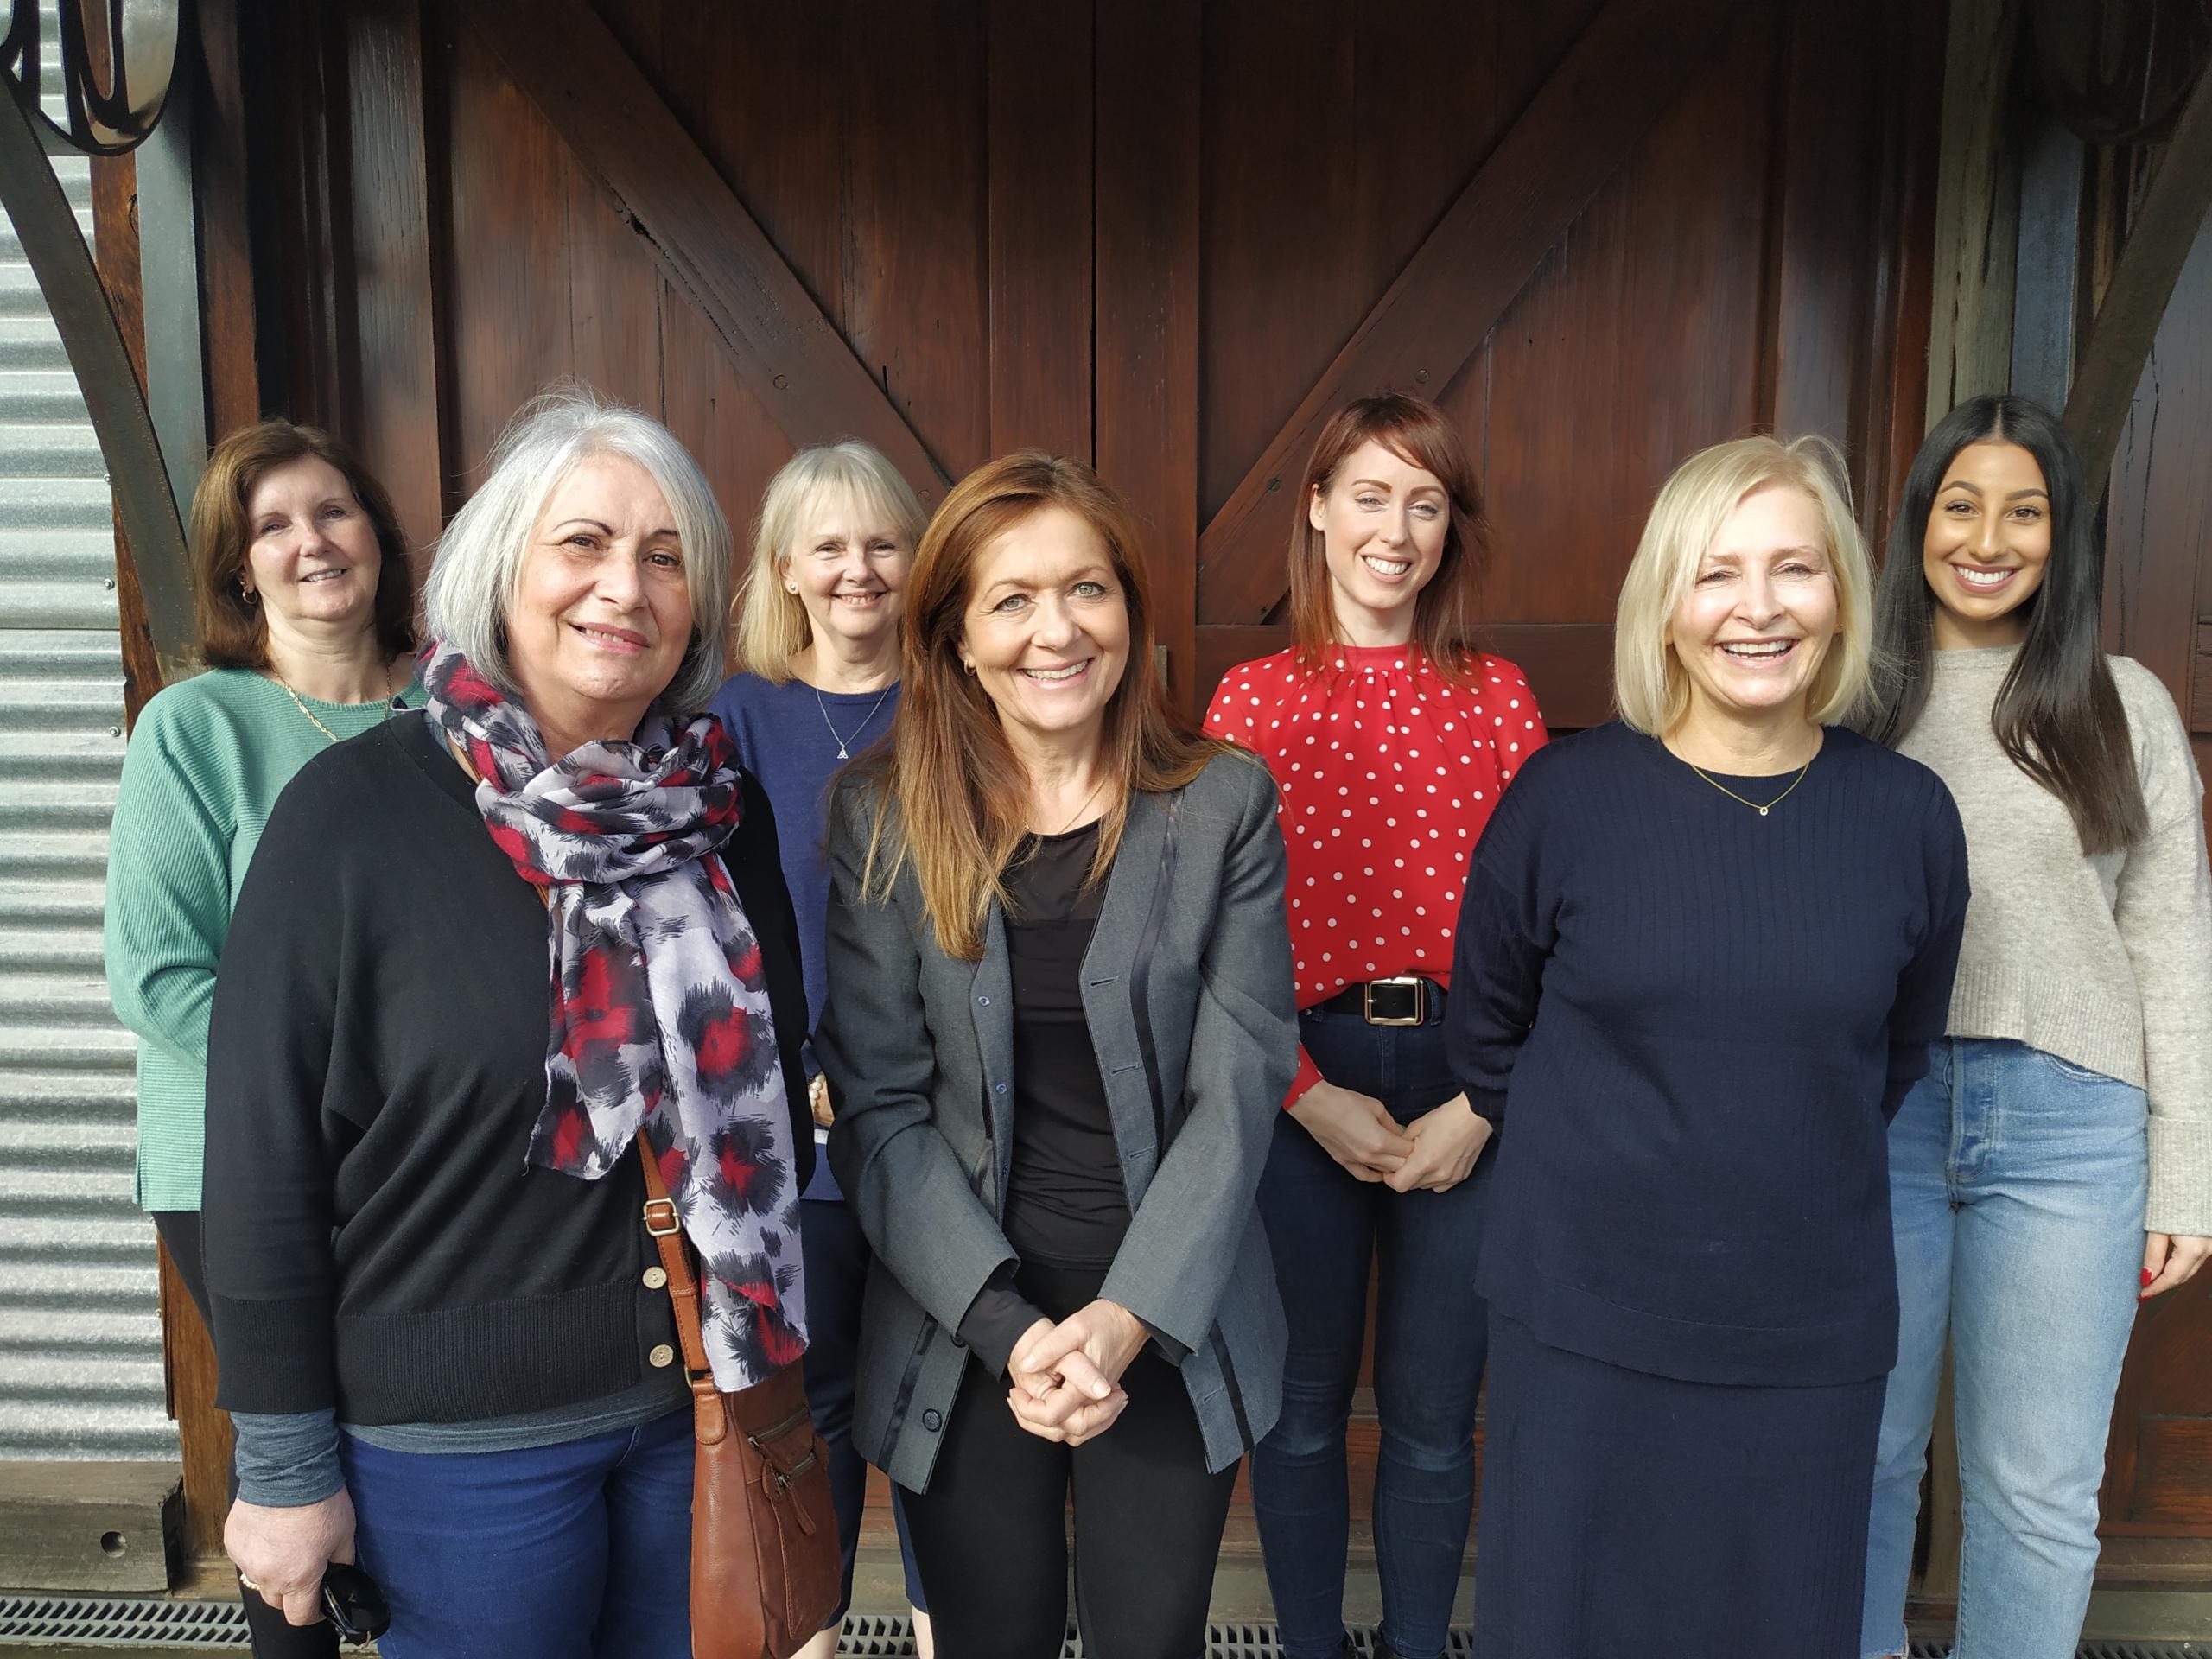 Admin Team: Noelene, Nadia P, Denise, Tiziana, Jemell, Tracey and Nadia G